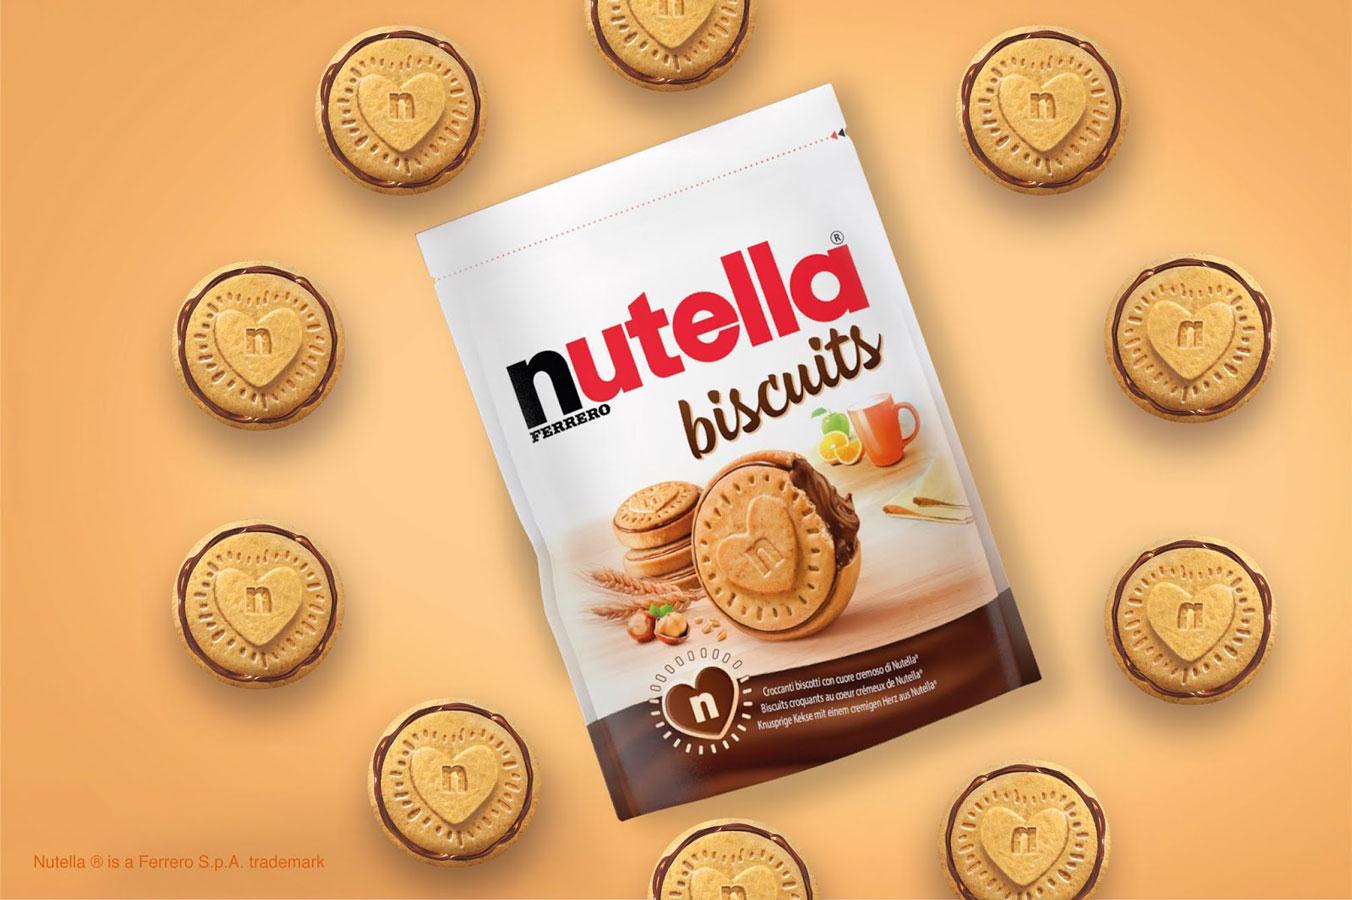 Embalagem do Nutella Biscuits rodeada por por um círculo de 10 biscoitos de Nutella